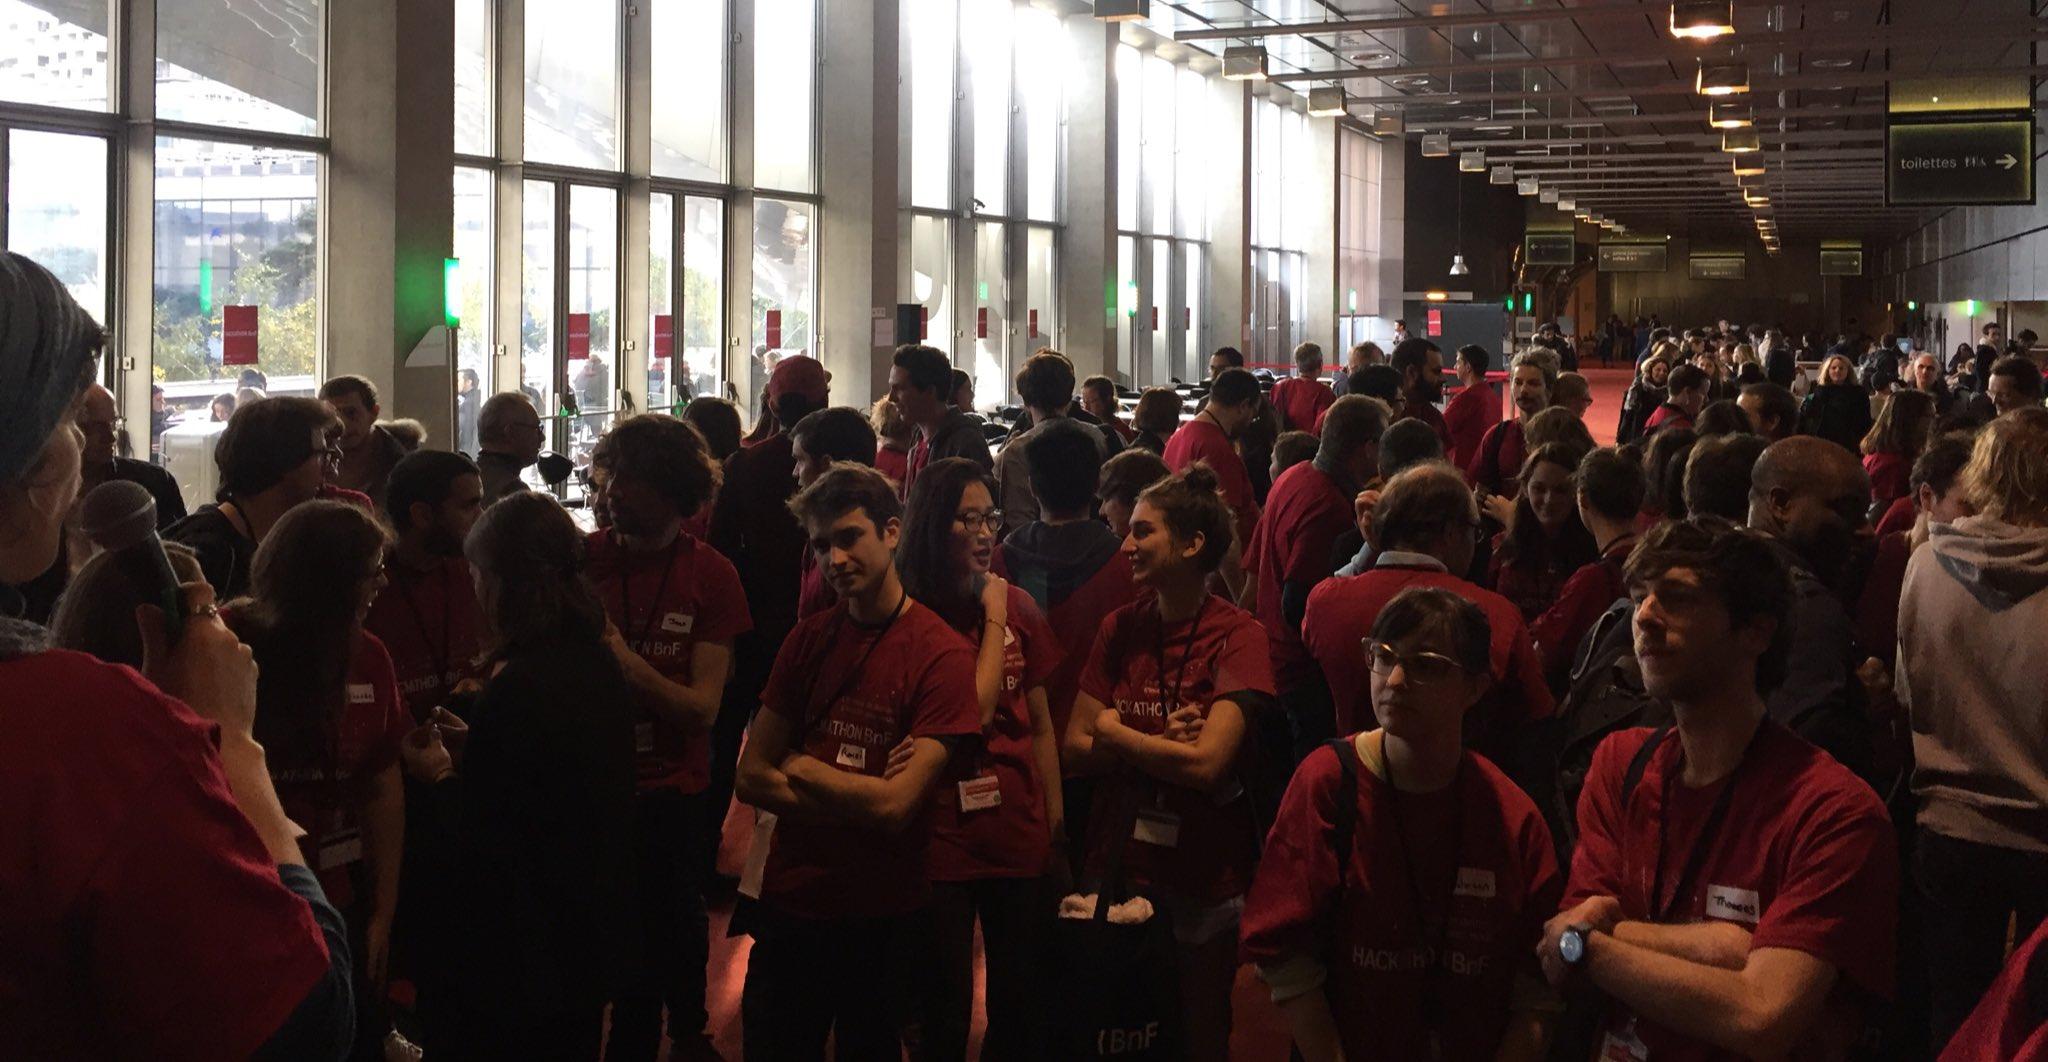 #hackathonBnf quelques minutes pour finaliser les équipes et que chacun trouve projet à son pied. Go, go, go ! https://t.co/pbLa9DaSi4